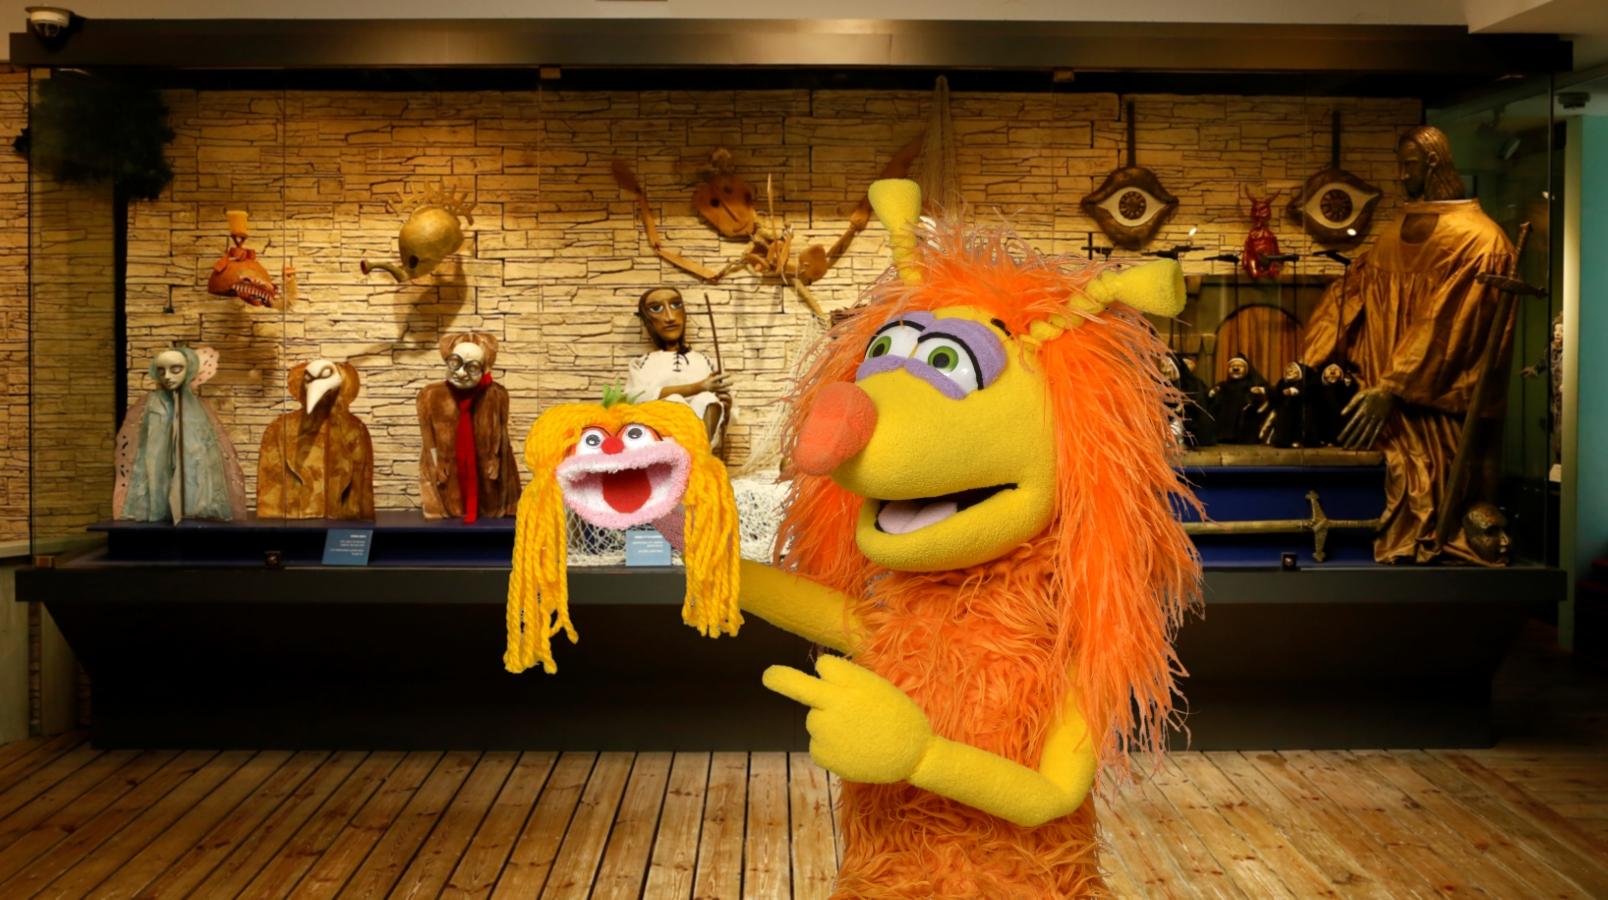 סיורים תיאטרליים במוזיאון לאמנות תיאטרון הבובות